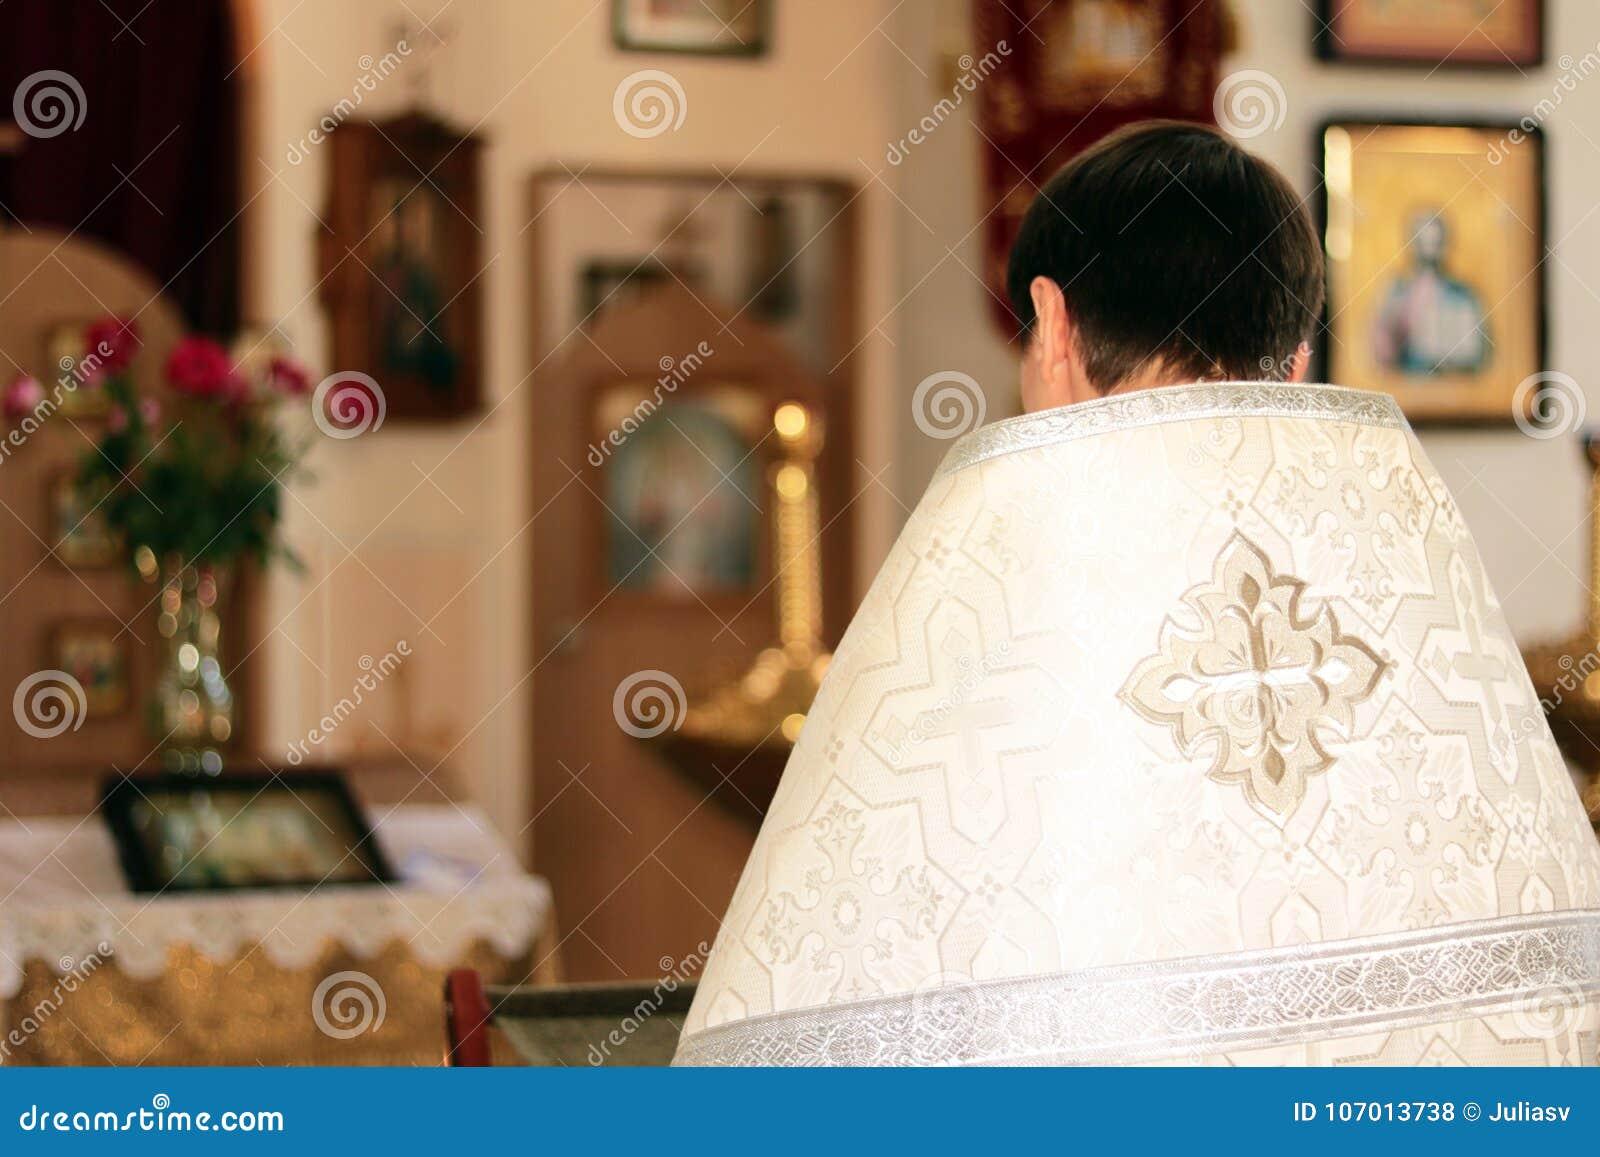 Le prêtre dans l église lit la prière pendant le rite religieux